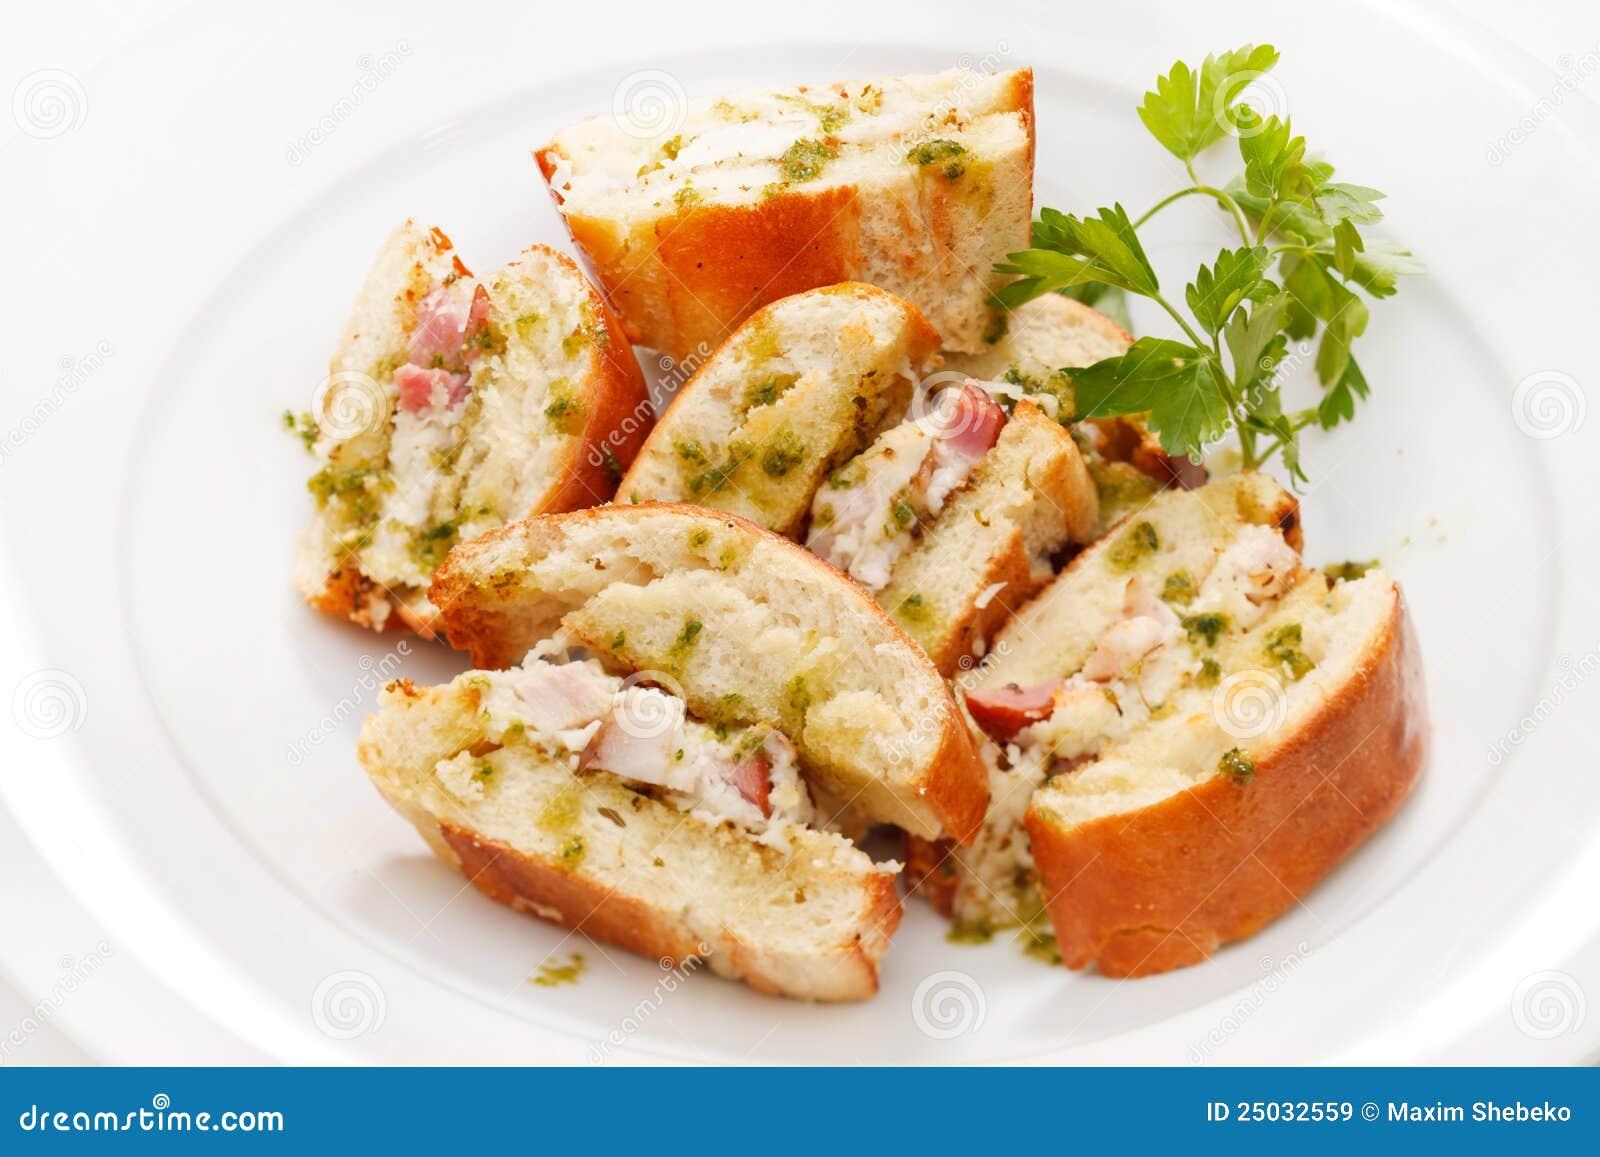 Feg smörgås